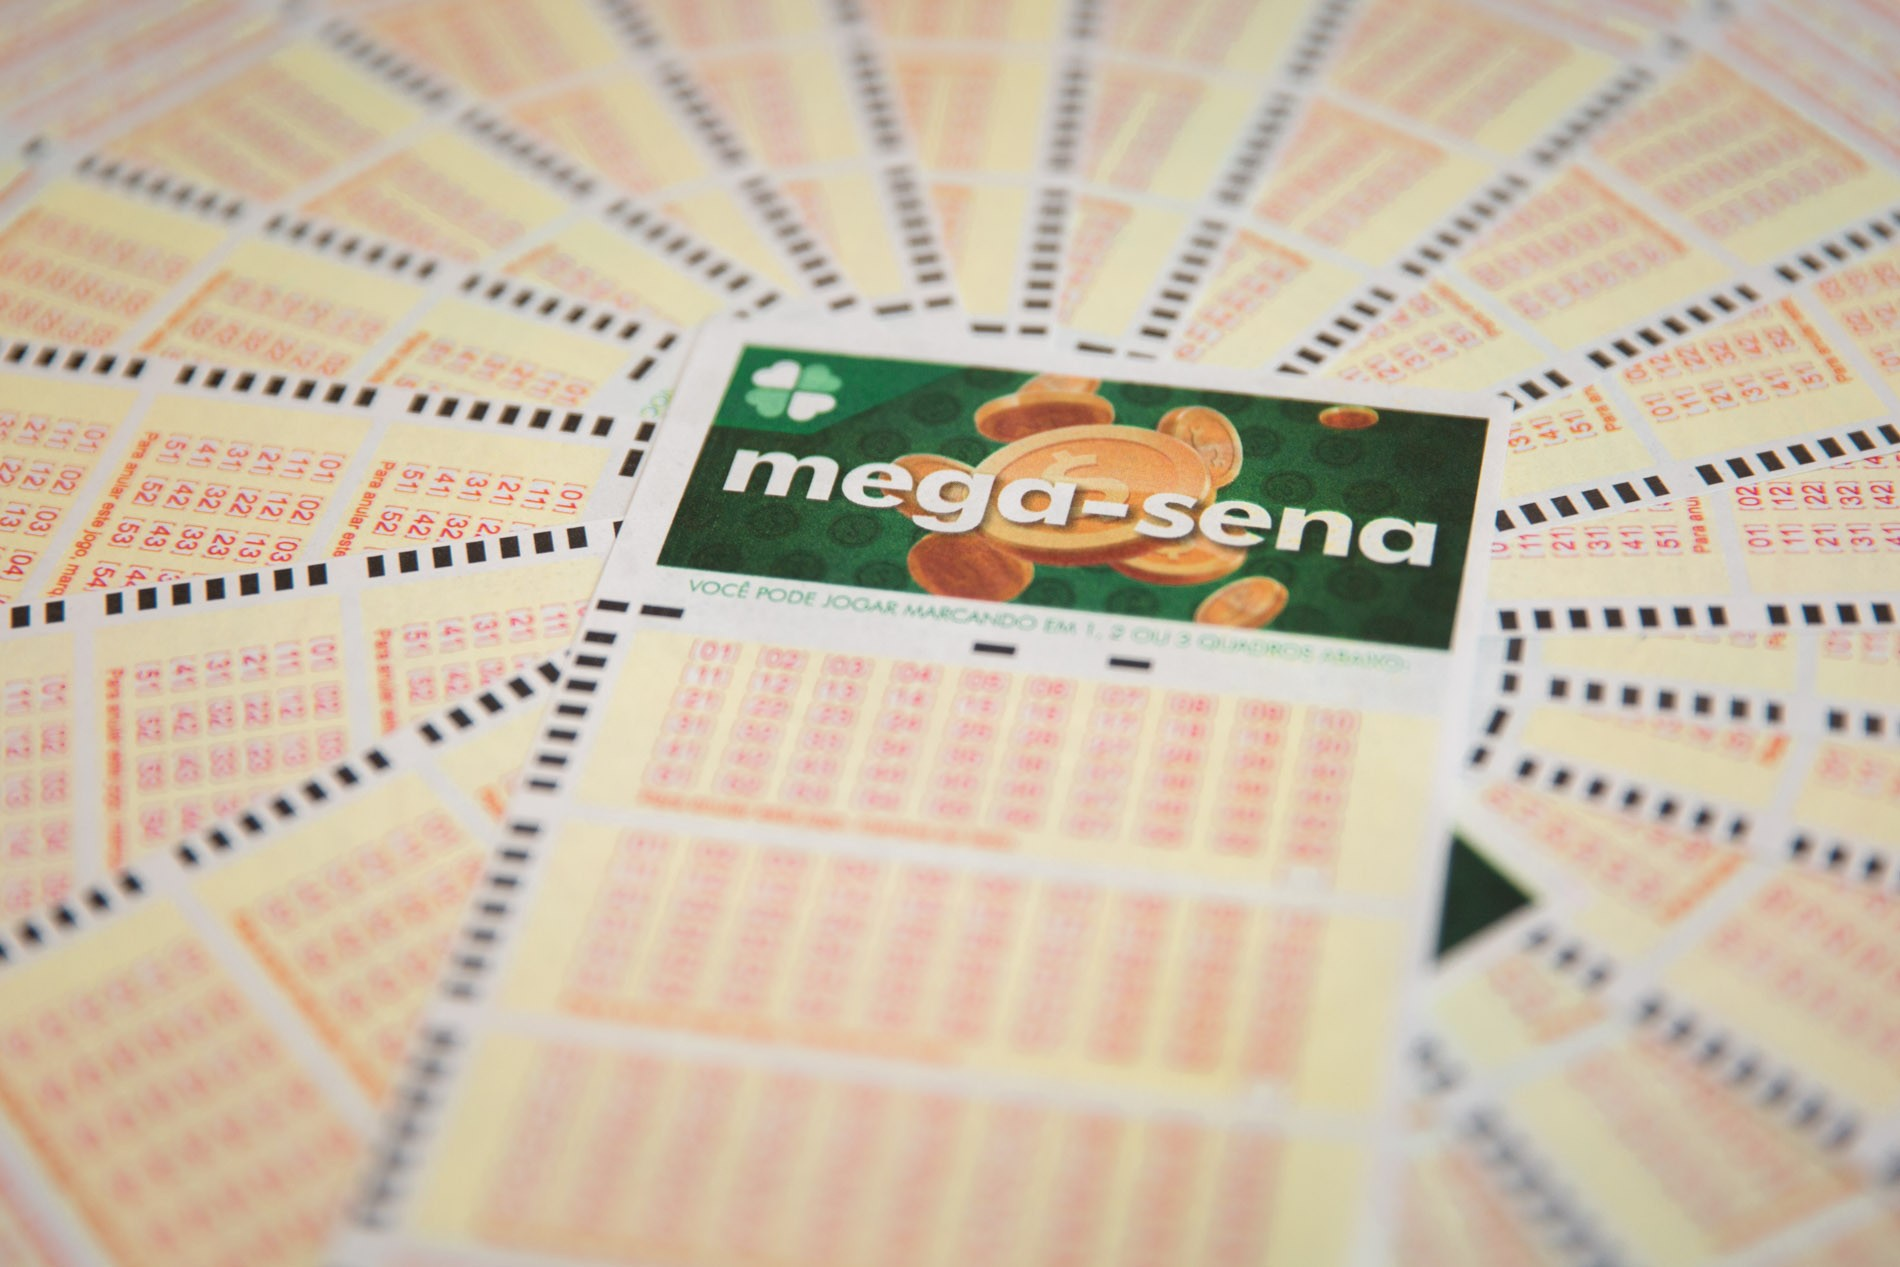 Valor acumulado da Mega-Sena é maior que o PIB de 60% dos municípios do Amapá - Notícias - Plantão Diário